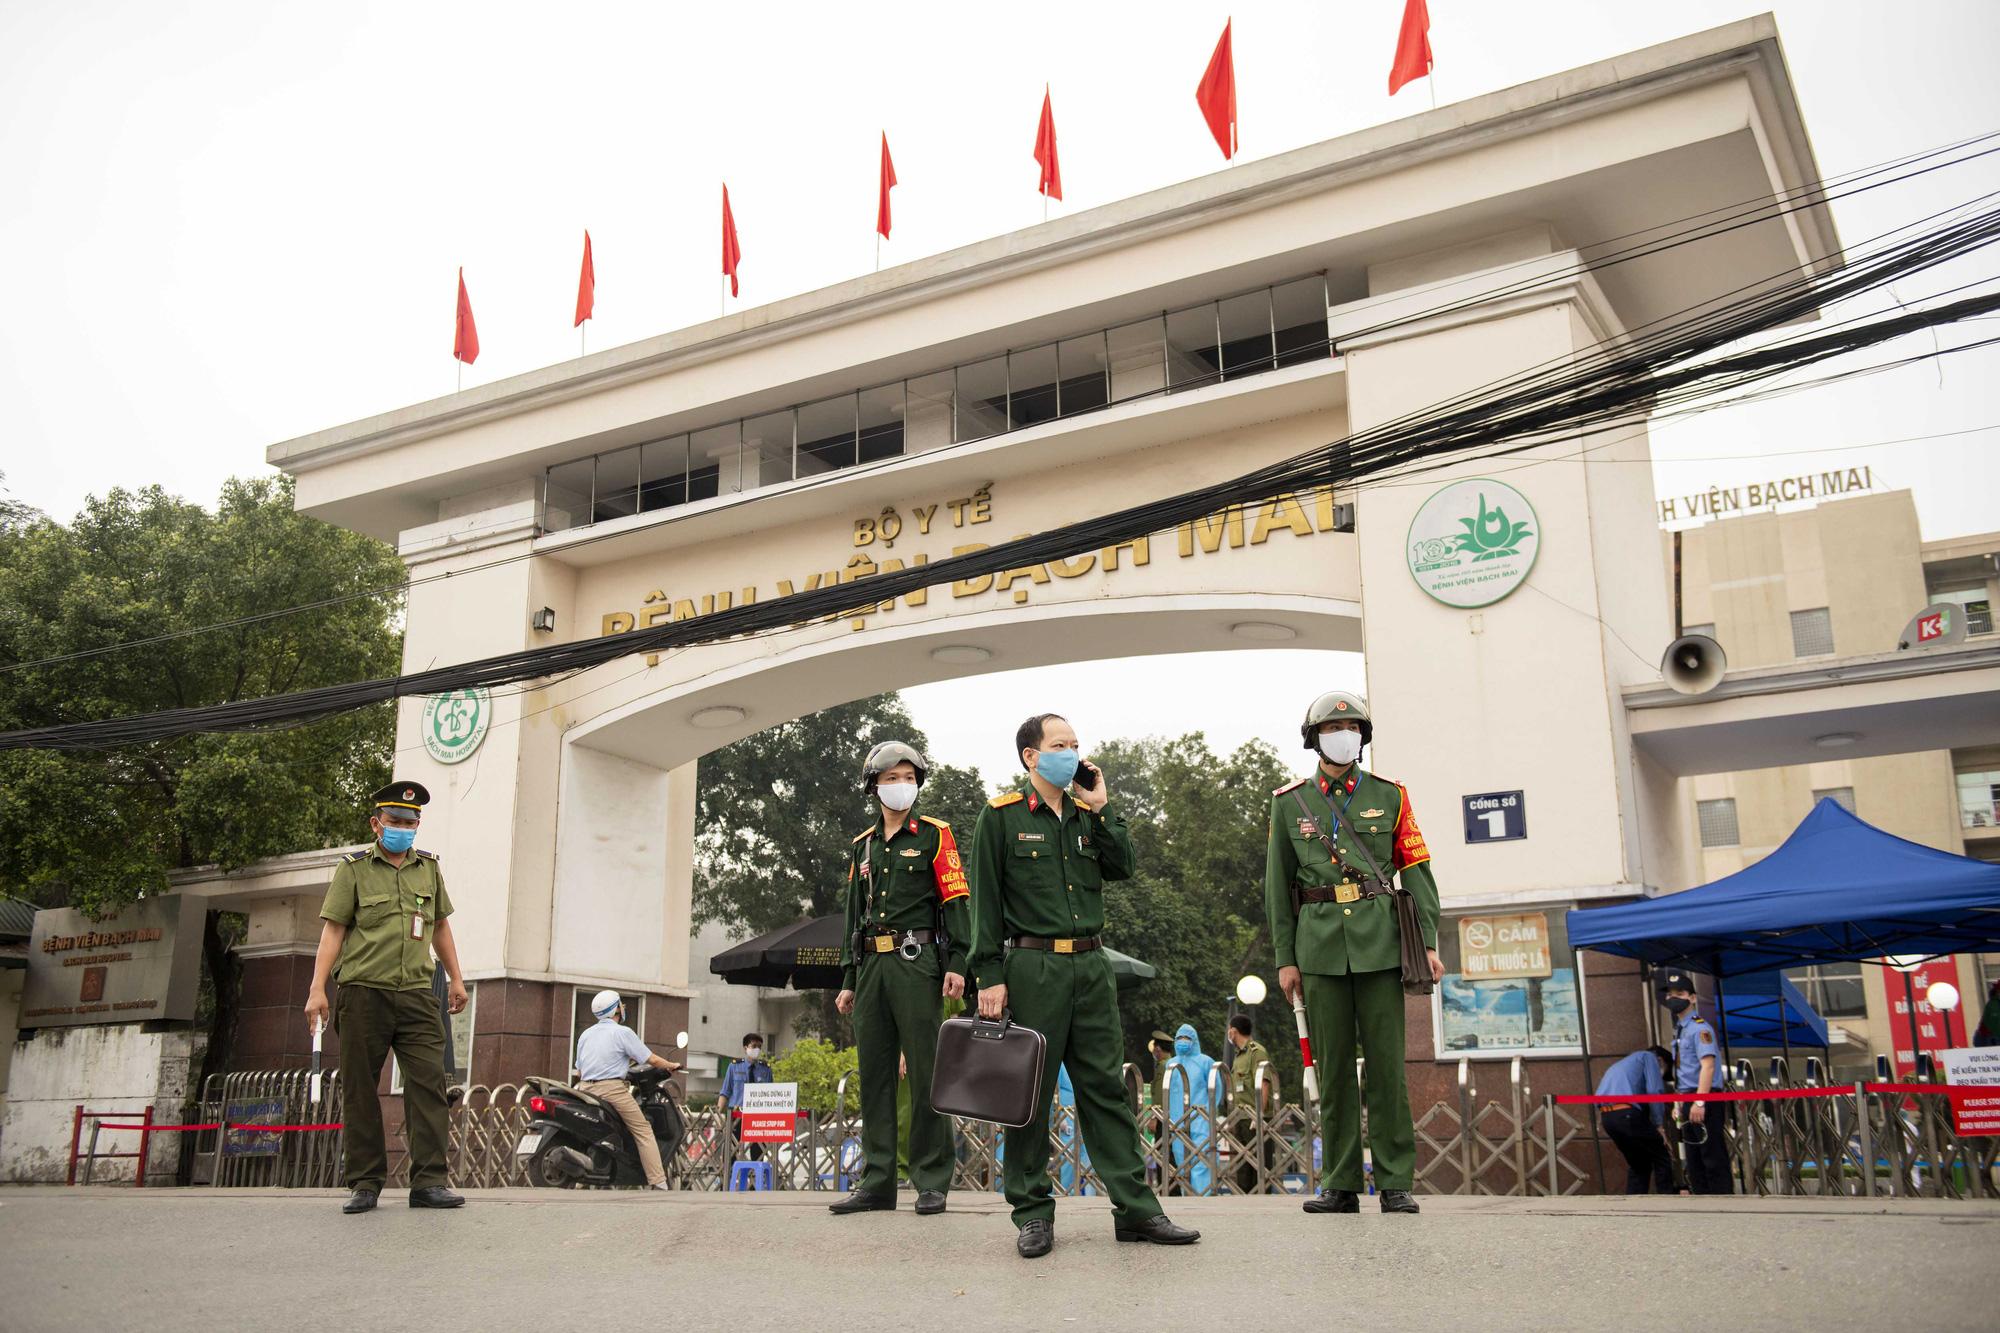 Khai báo gian dối, bệnh nhân 178 ở Thái Nguyên liệu có bị khởi tố hình sự? - Ảnh 1.